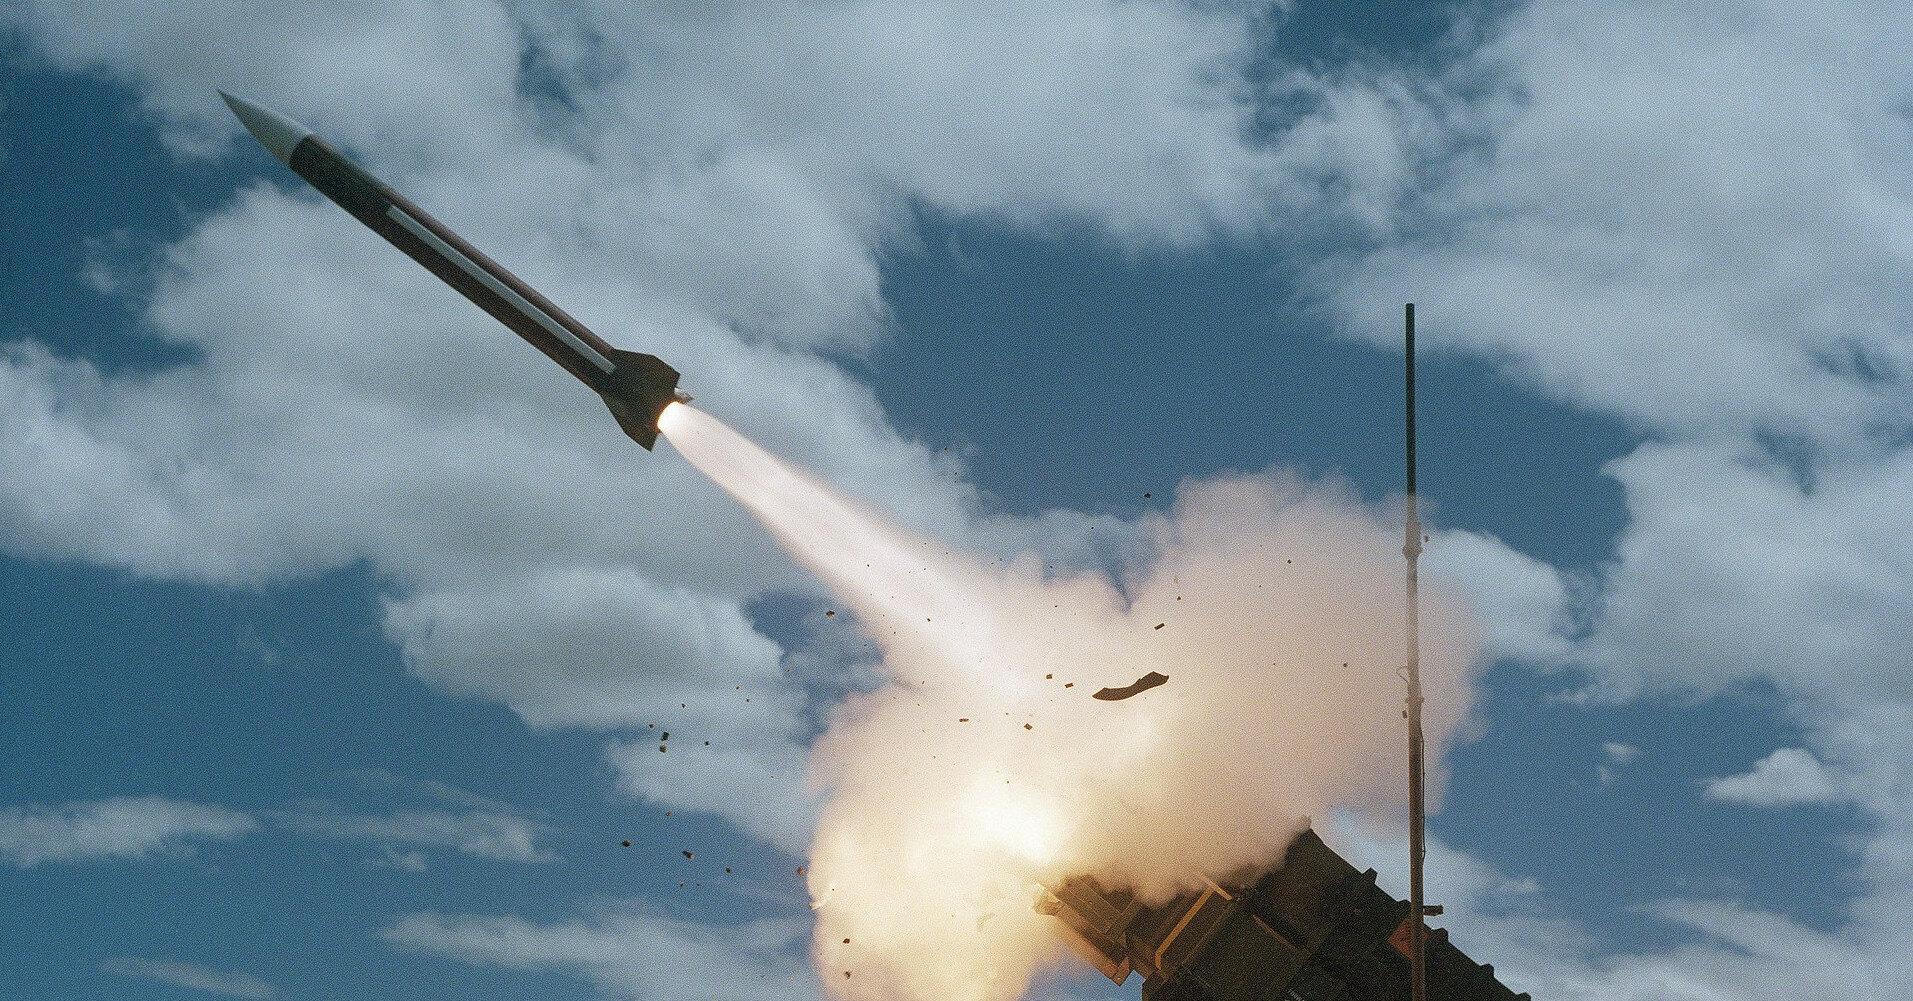 Афганский военный самолет сбила ПВО Узбекистана